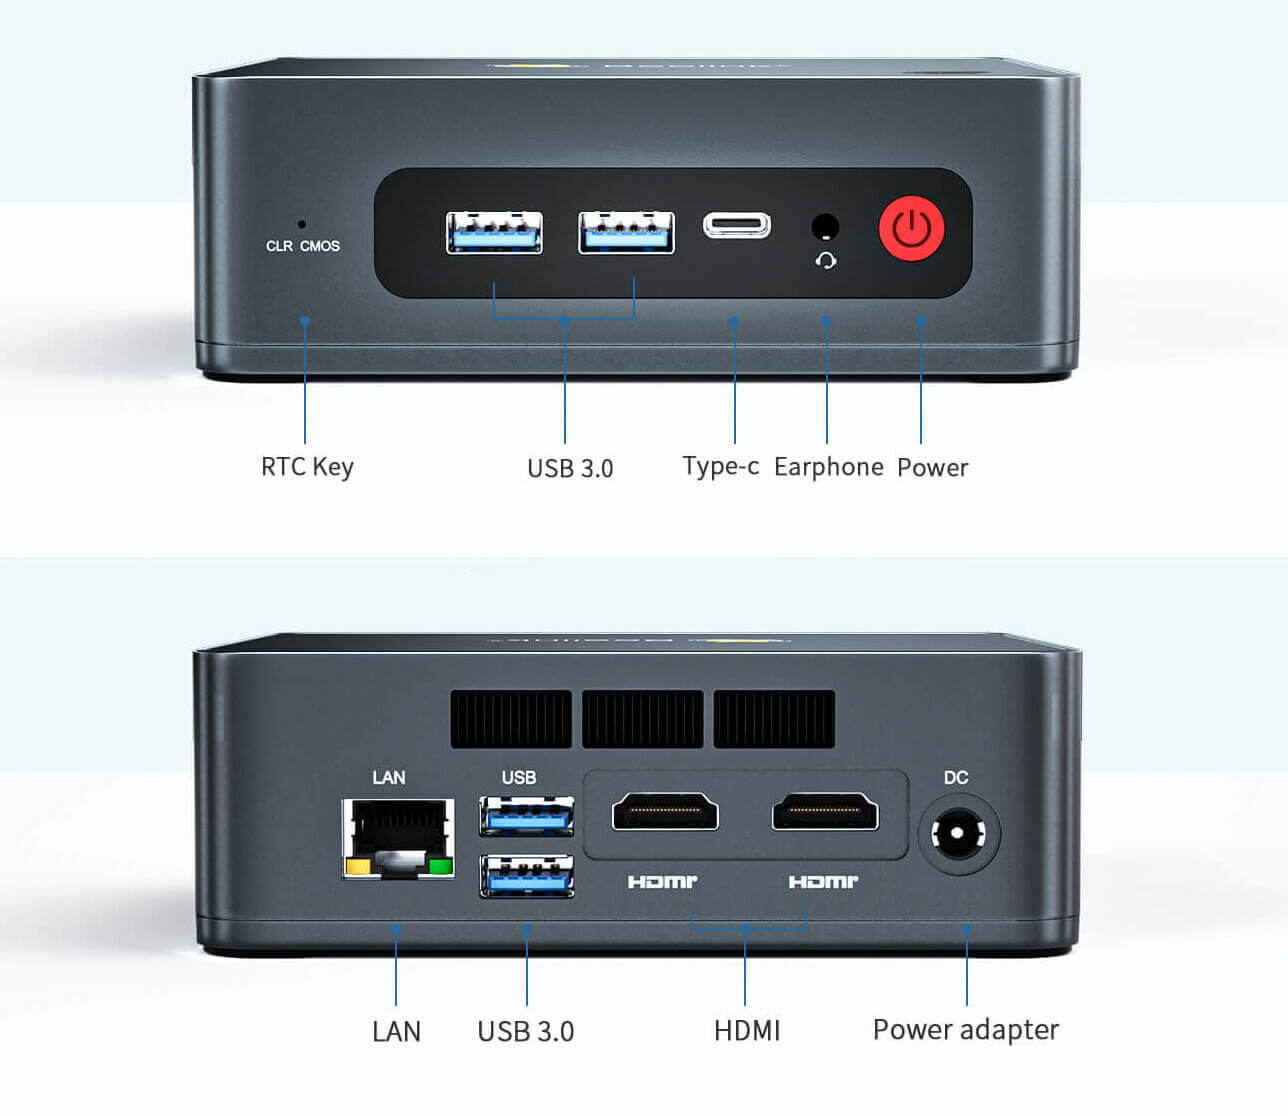 双HDMI、GbE、4x USB的Beelink-U59